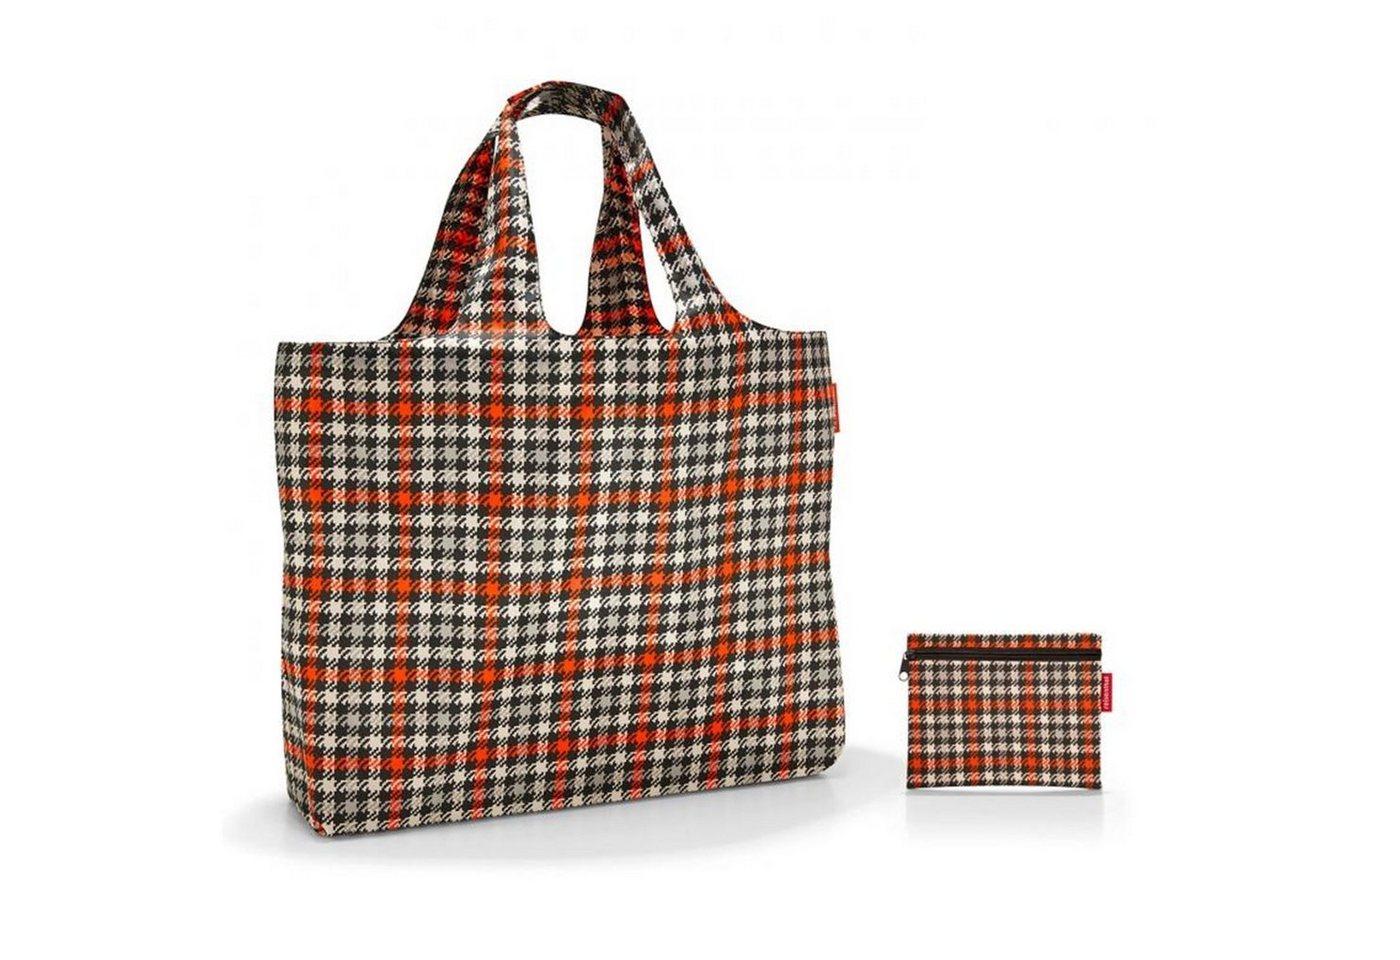 reisenthel® -  Strandtasche »Strandtasche mini maxi beachbag«, Strandtasche